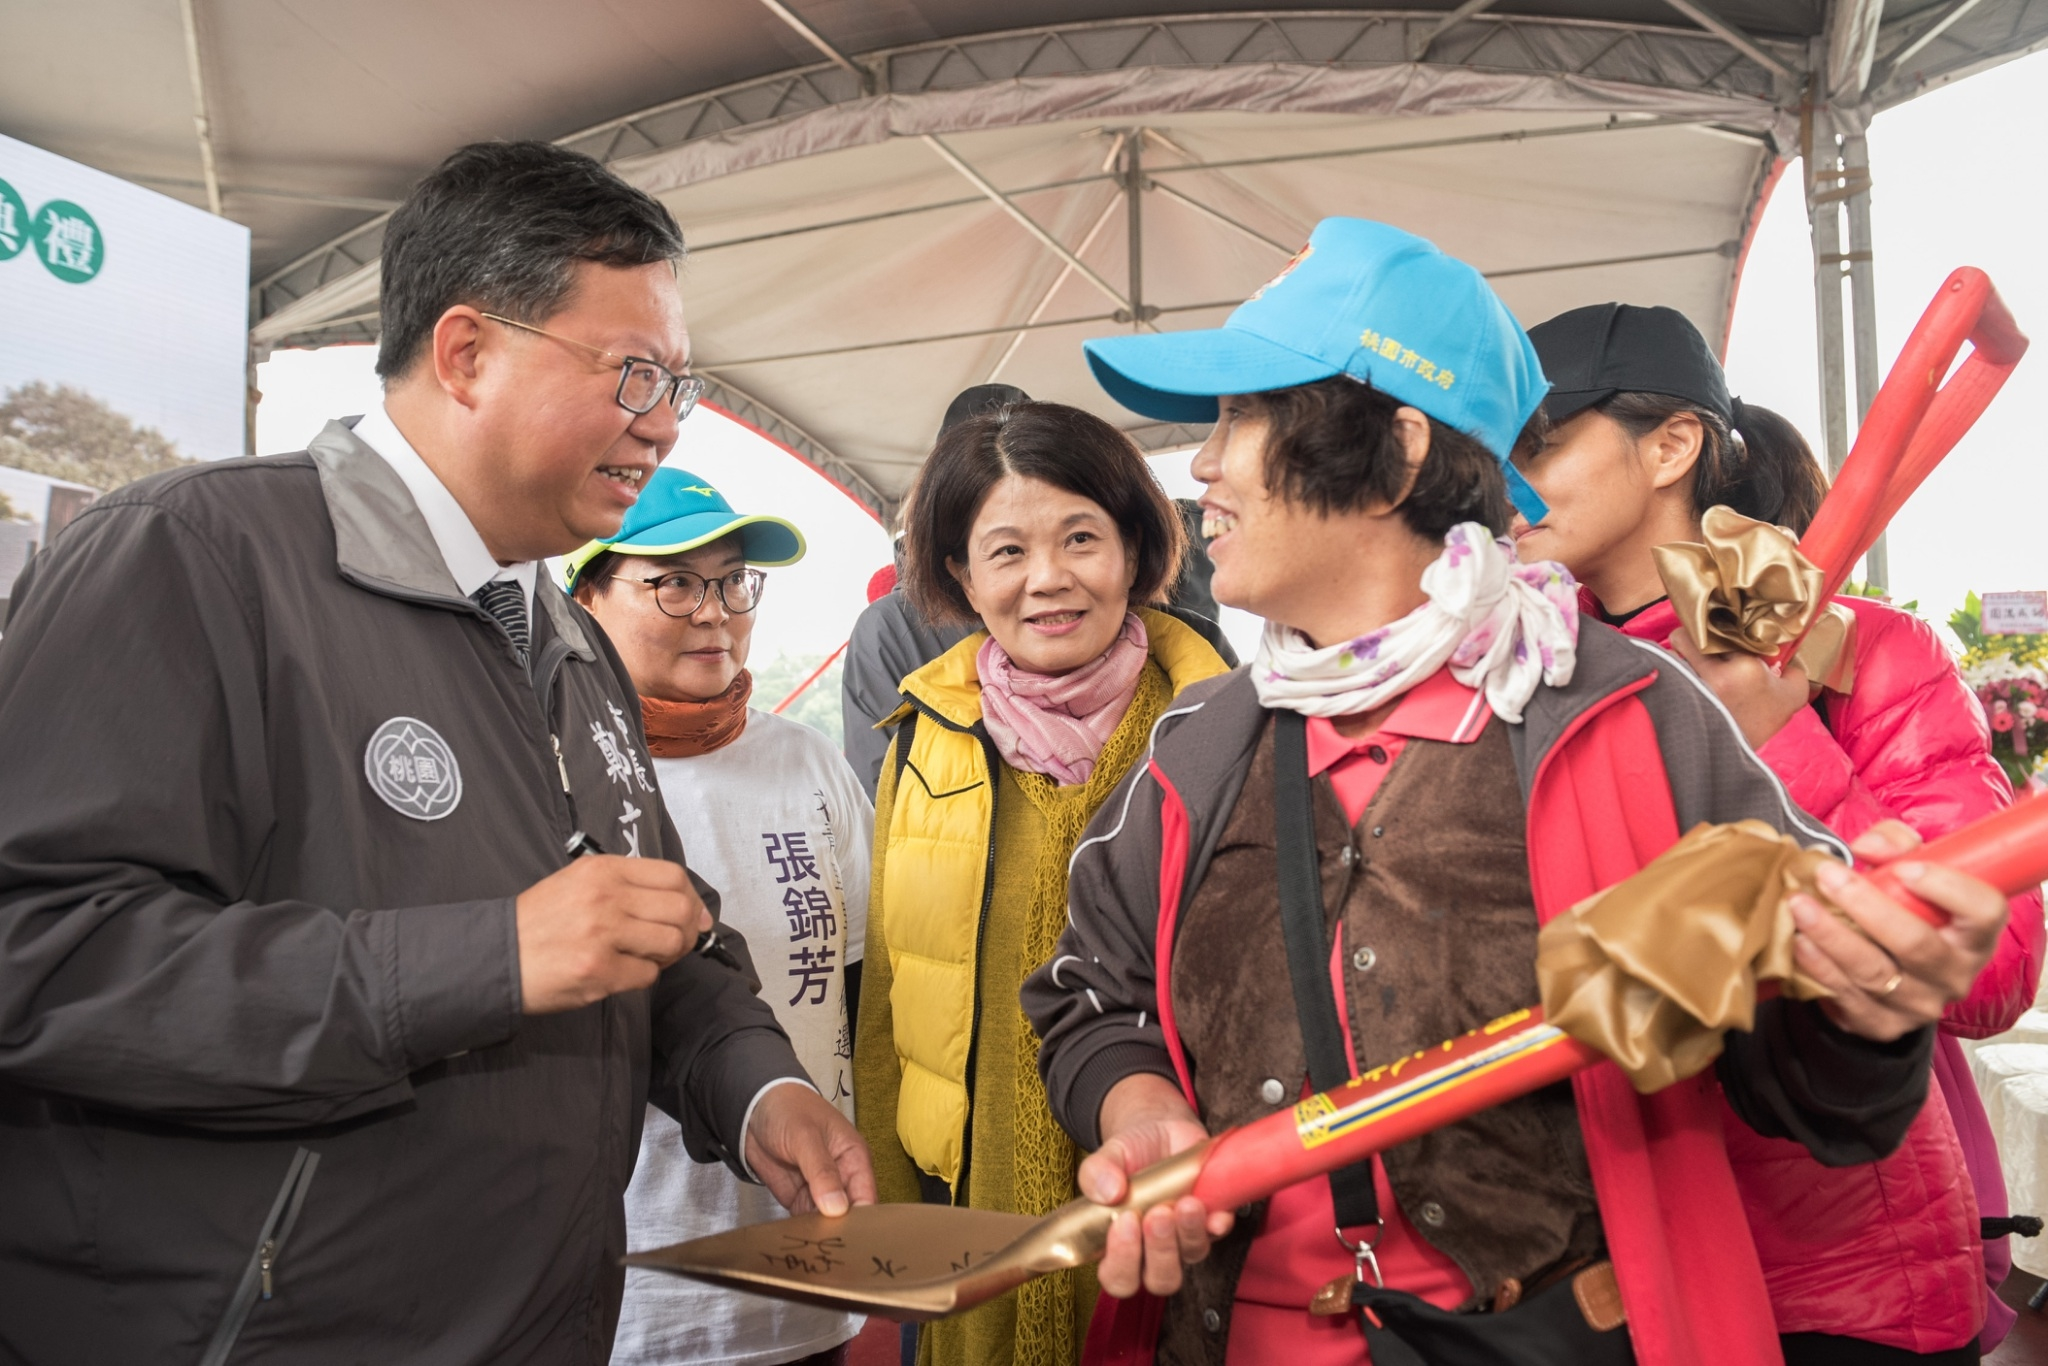 鄭市長幫民眾在金剷子上簽名